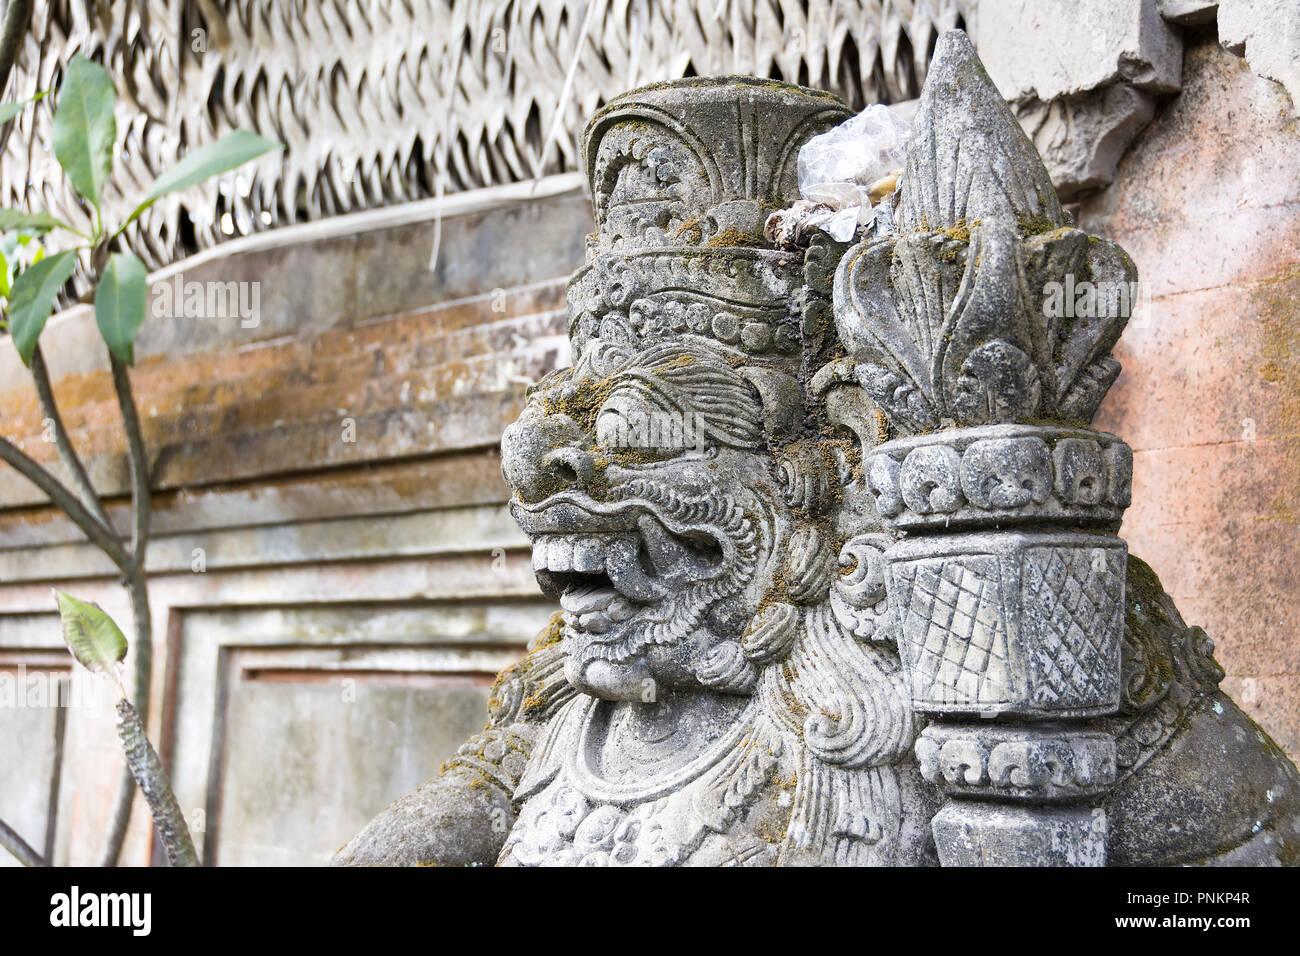 Statue of Hindu God or demon Ubud, Bali, Indonesia - Stock Image